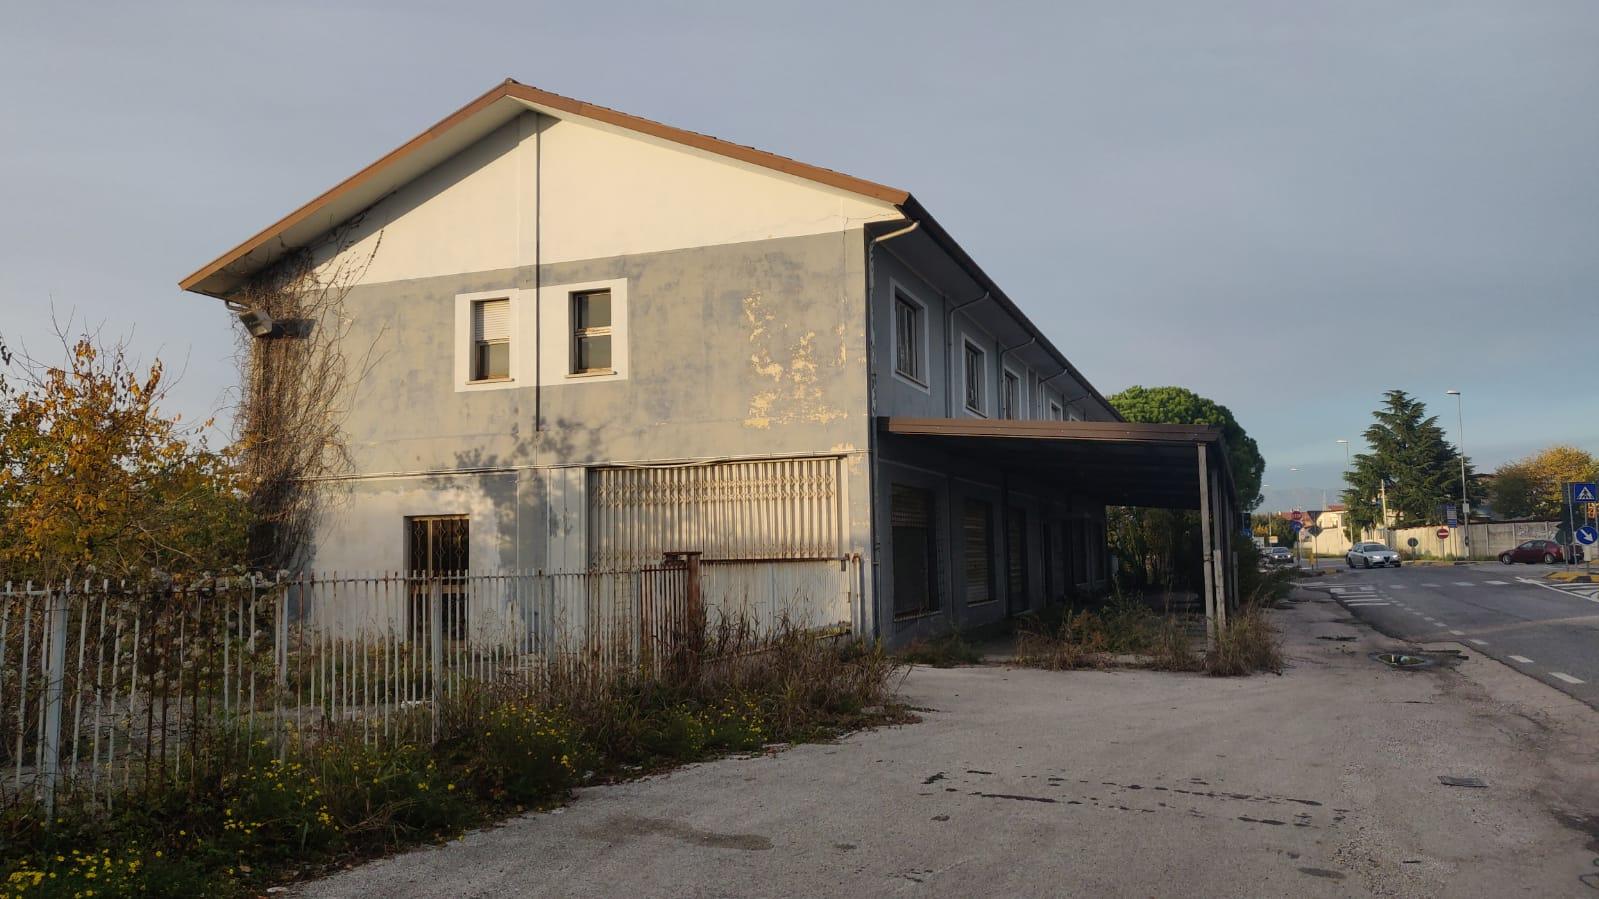 Laboratorio in vendita a Campoformido, 4 locali, prezzo € 200.000 | CambioCasa.it